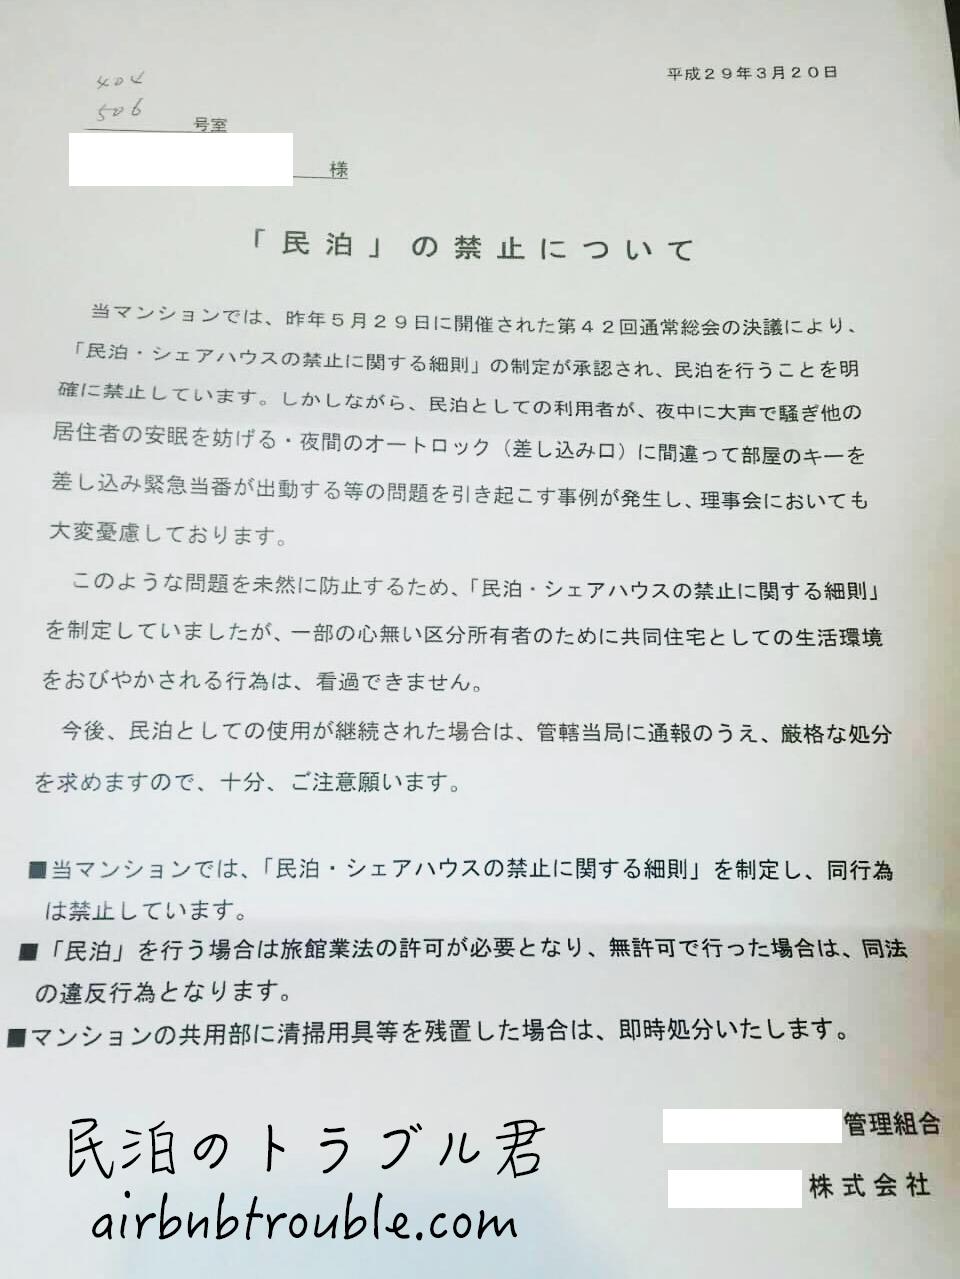 【民泊撤退】管理組合からの民泊禁止の手紙を受け取りました。